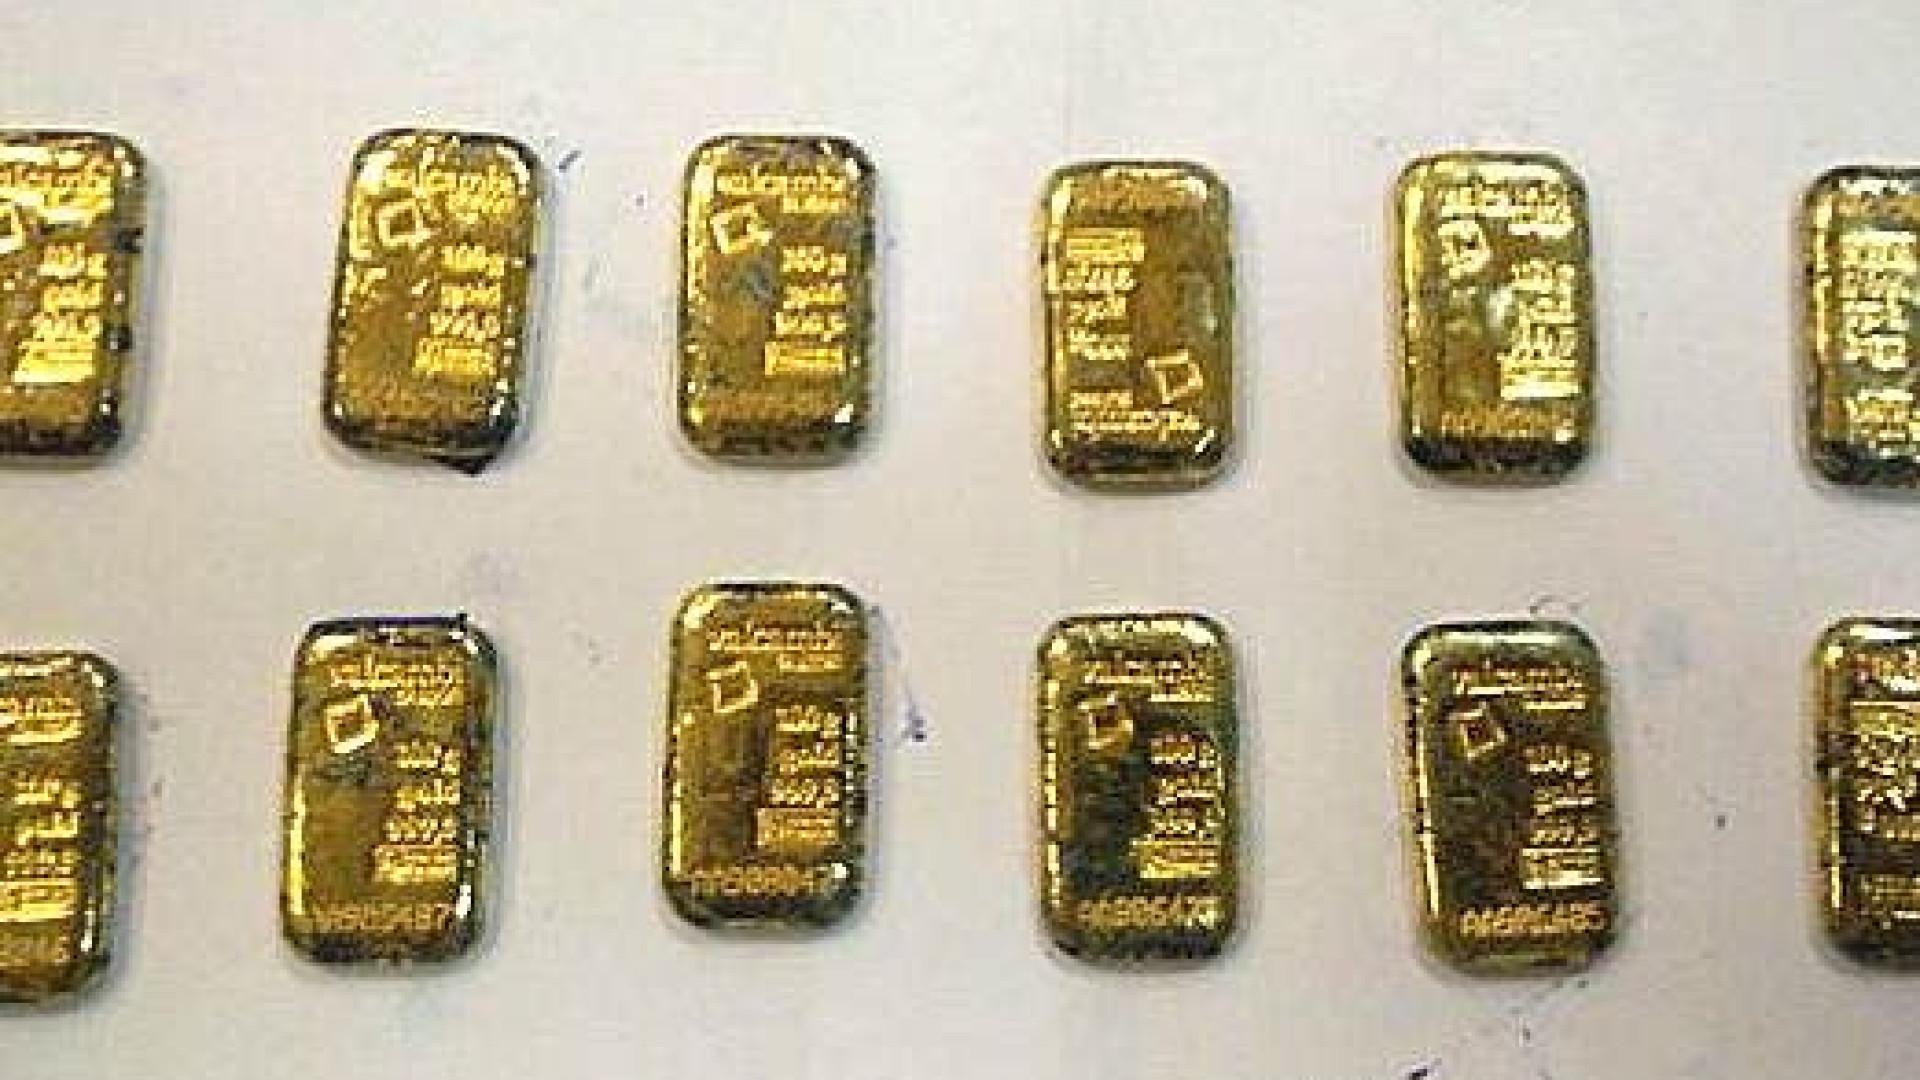 Passageiros detidos no aeroporto com 2 kg de barras de ouro no ânus